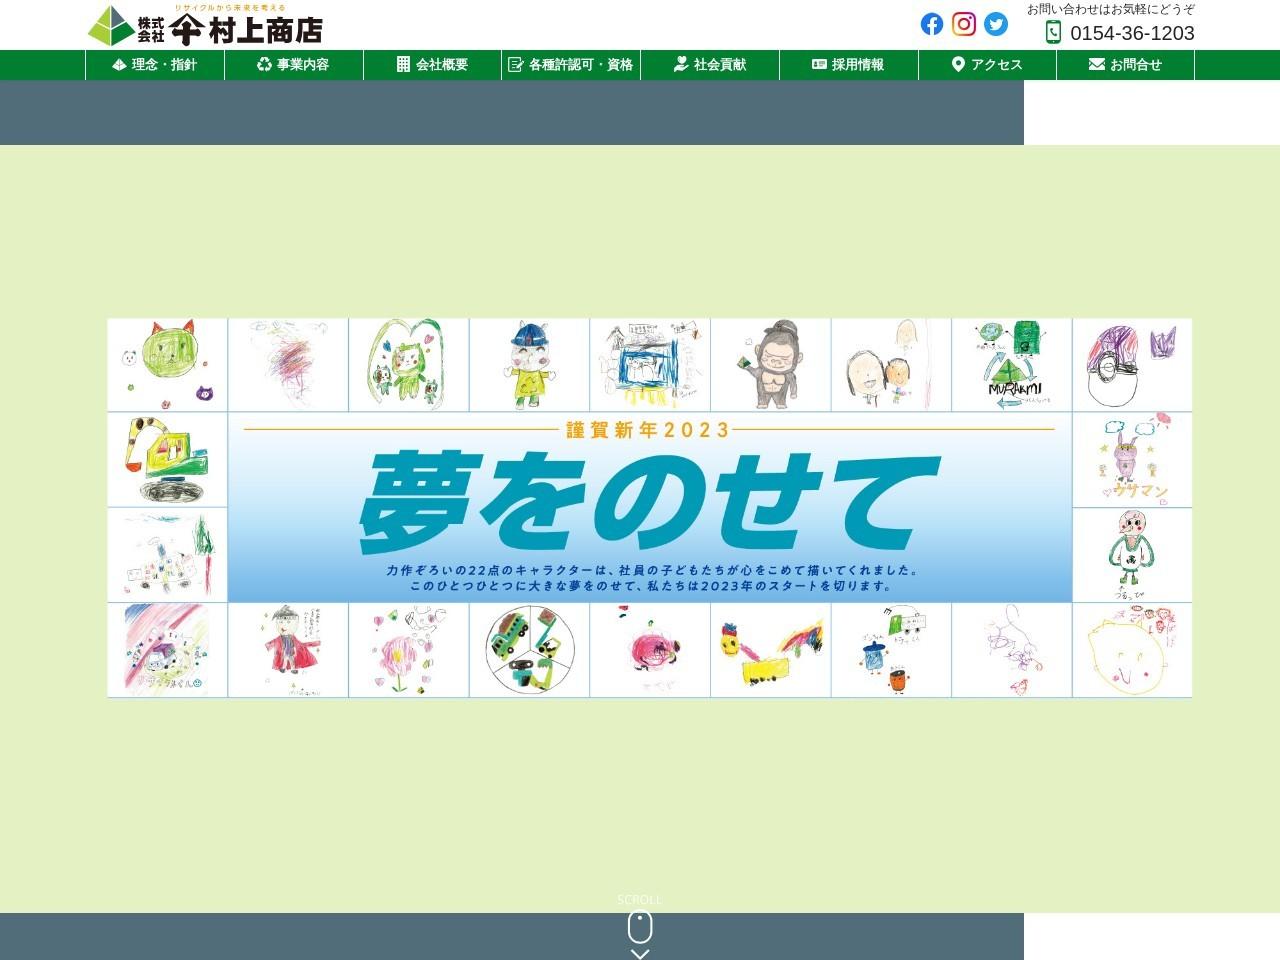 株式会社村上商店